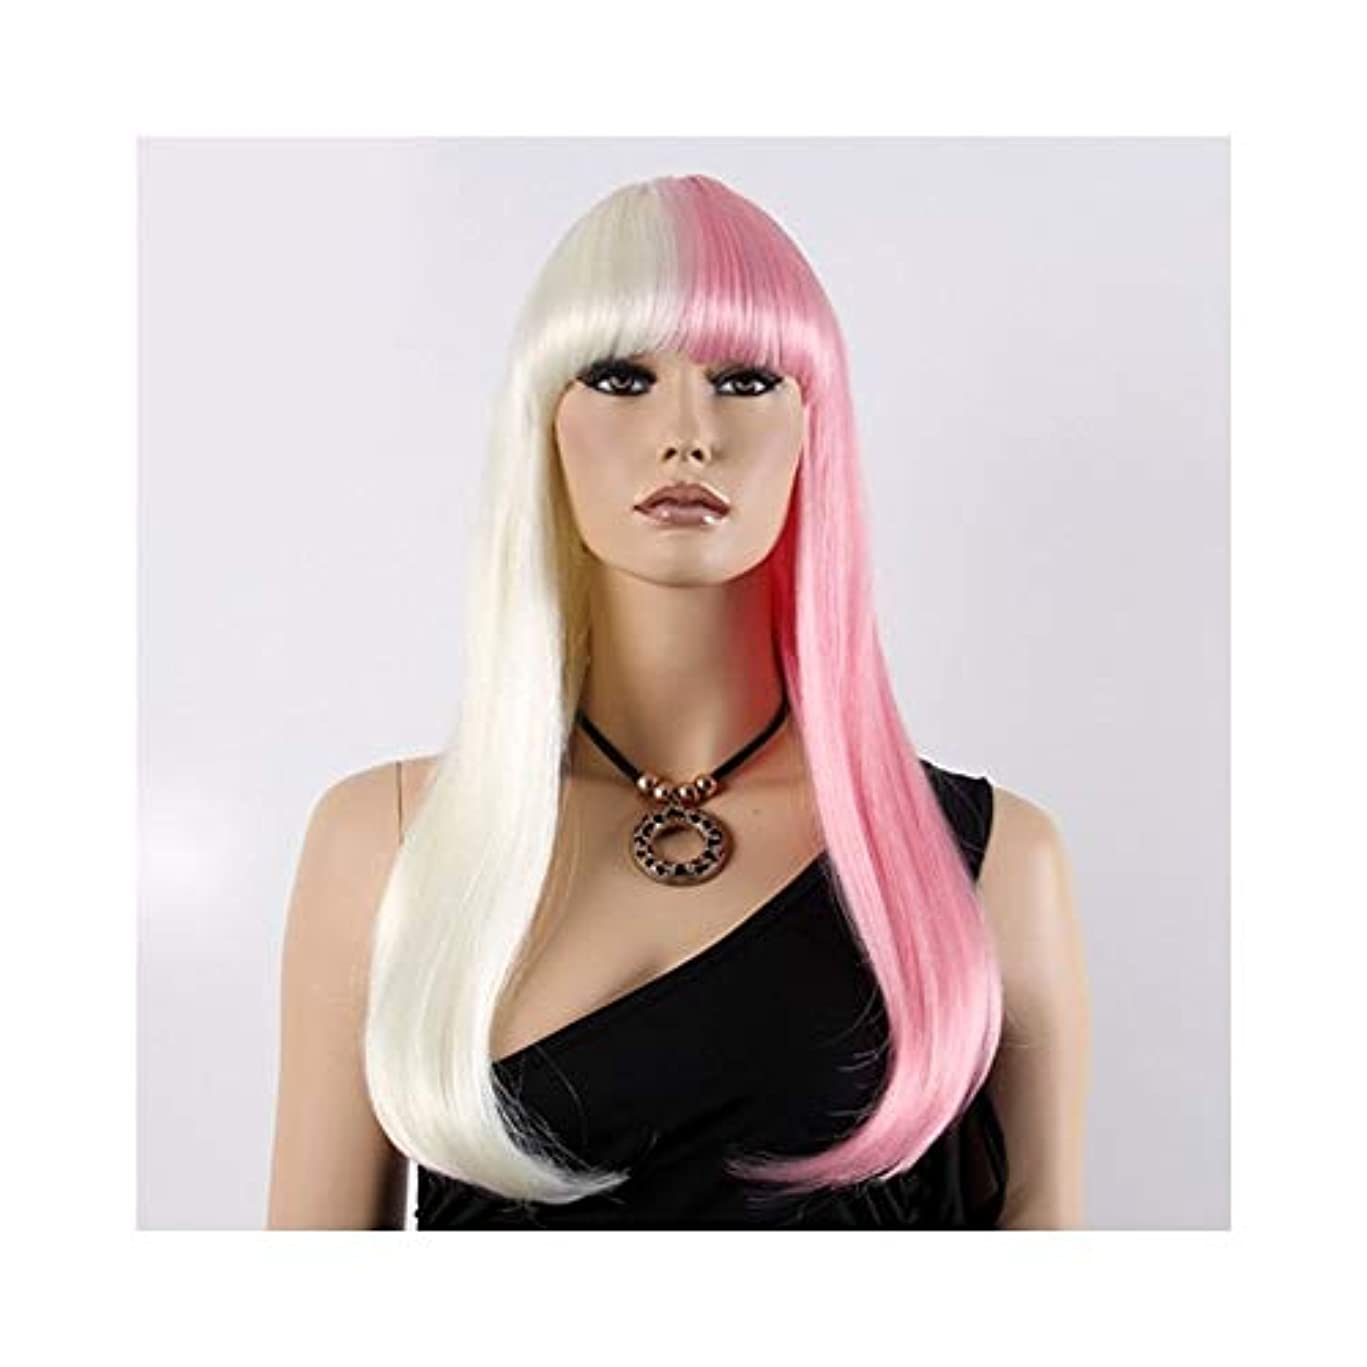 反対する操るマルコポーロYOUQIU 女子ハーフホワイトハーフパウダーロングストレート合成ボブ髪Wigcosplayウィッグウィッグ (色 : Photo Color)